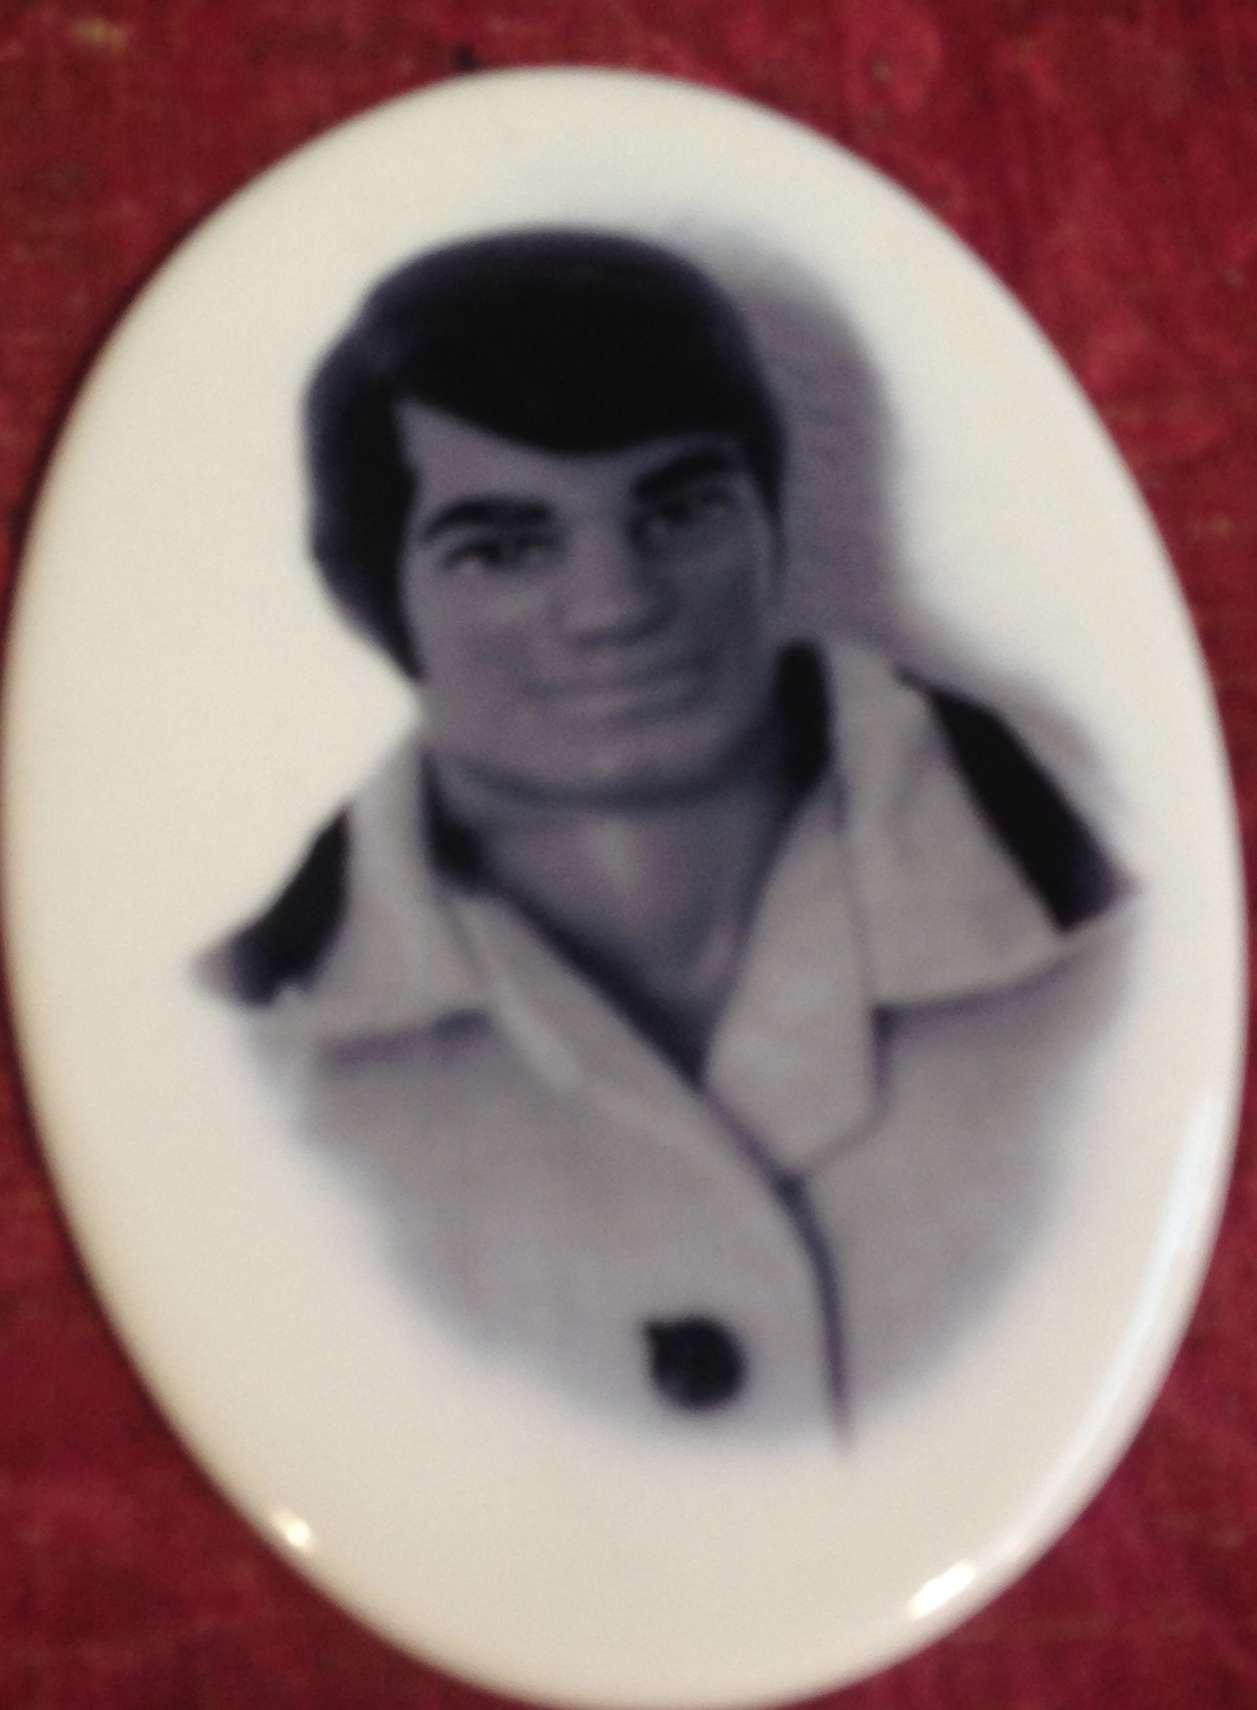 Una delle proposte più incredibili: una bancarella a tutto Big Jim, rappresentato persino con le foto-ceramica (quelle per il cimitero!!)